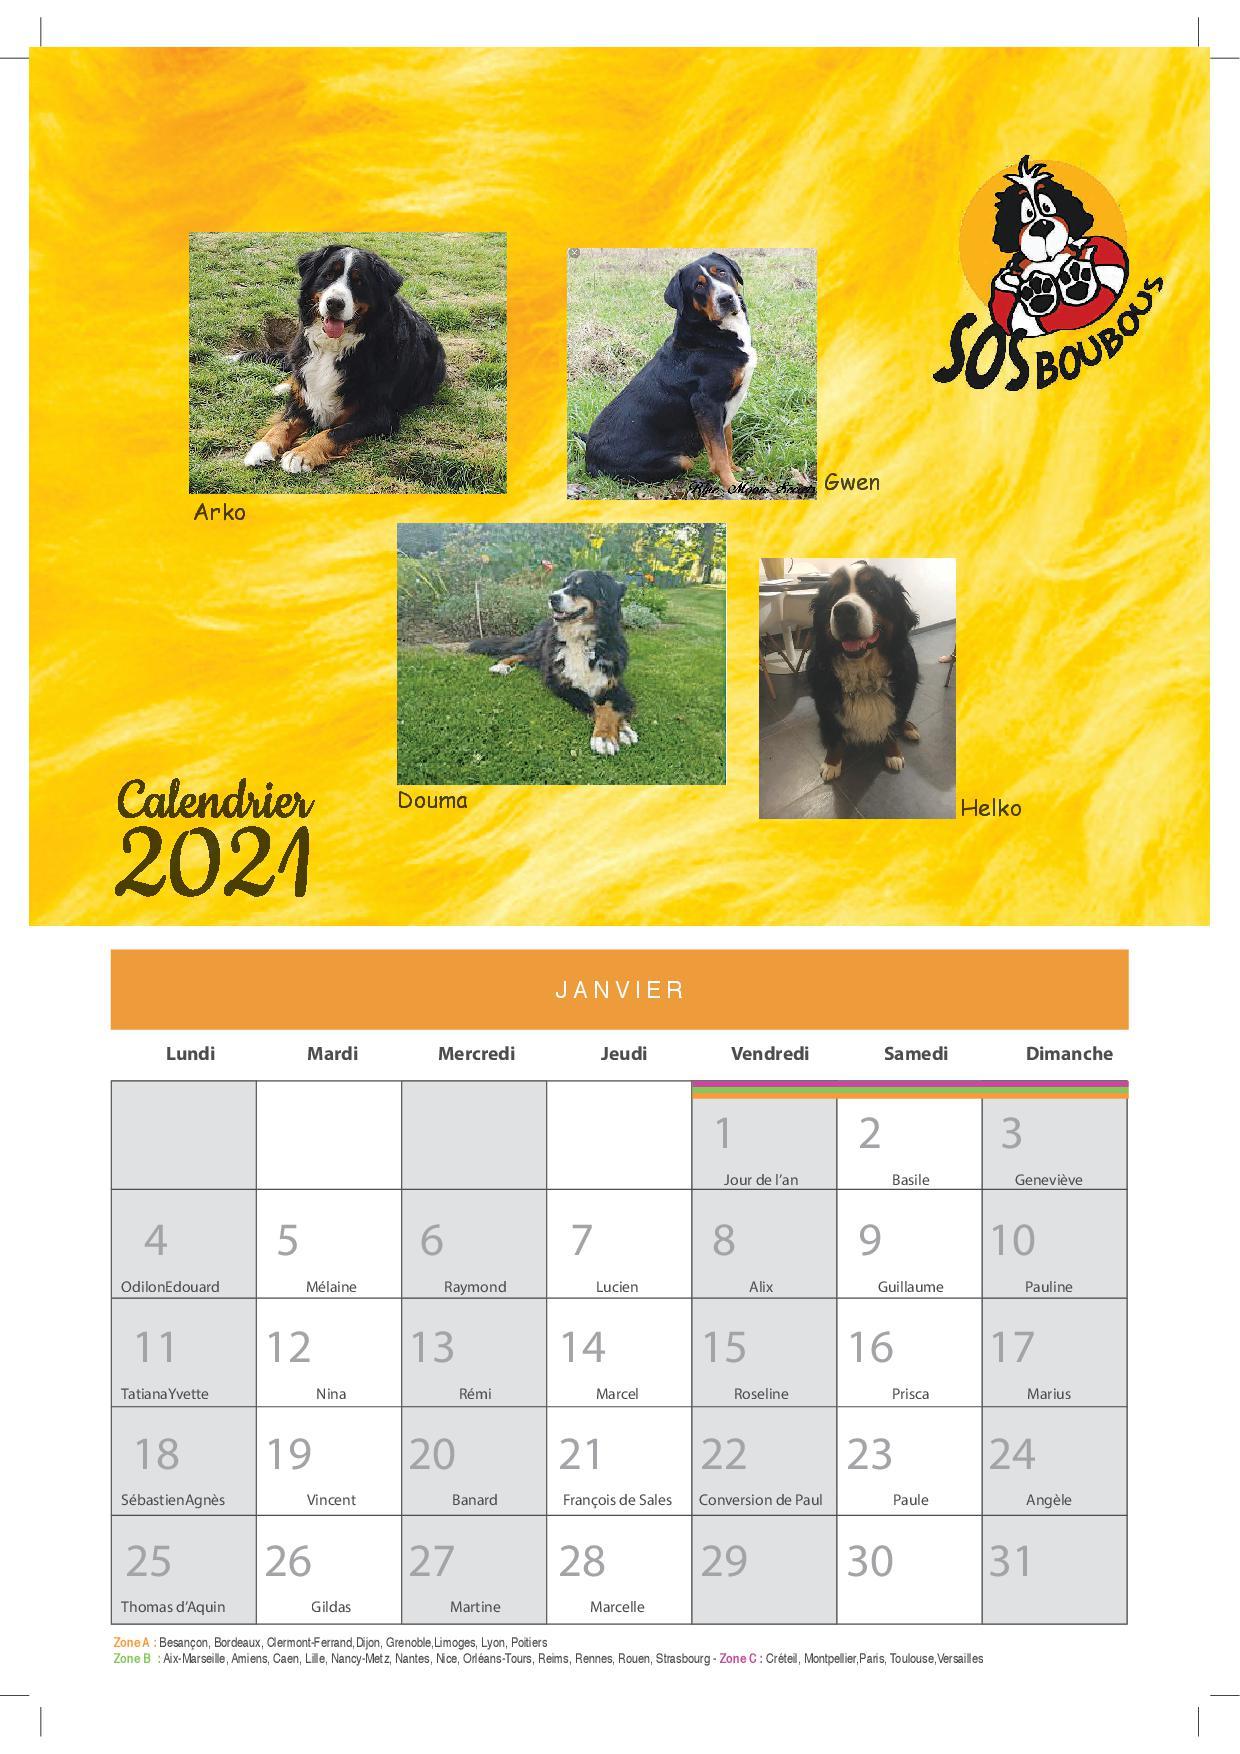 Calendrier Expo Canine 2021 SOS BOUBOUS Actualités Archive   SOS BOUBOUS